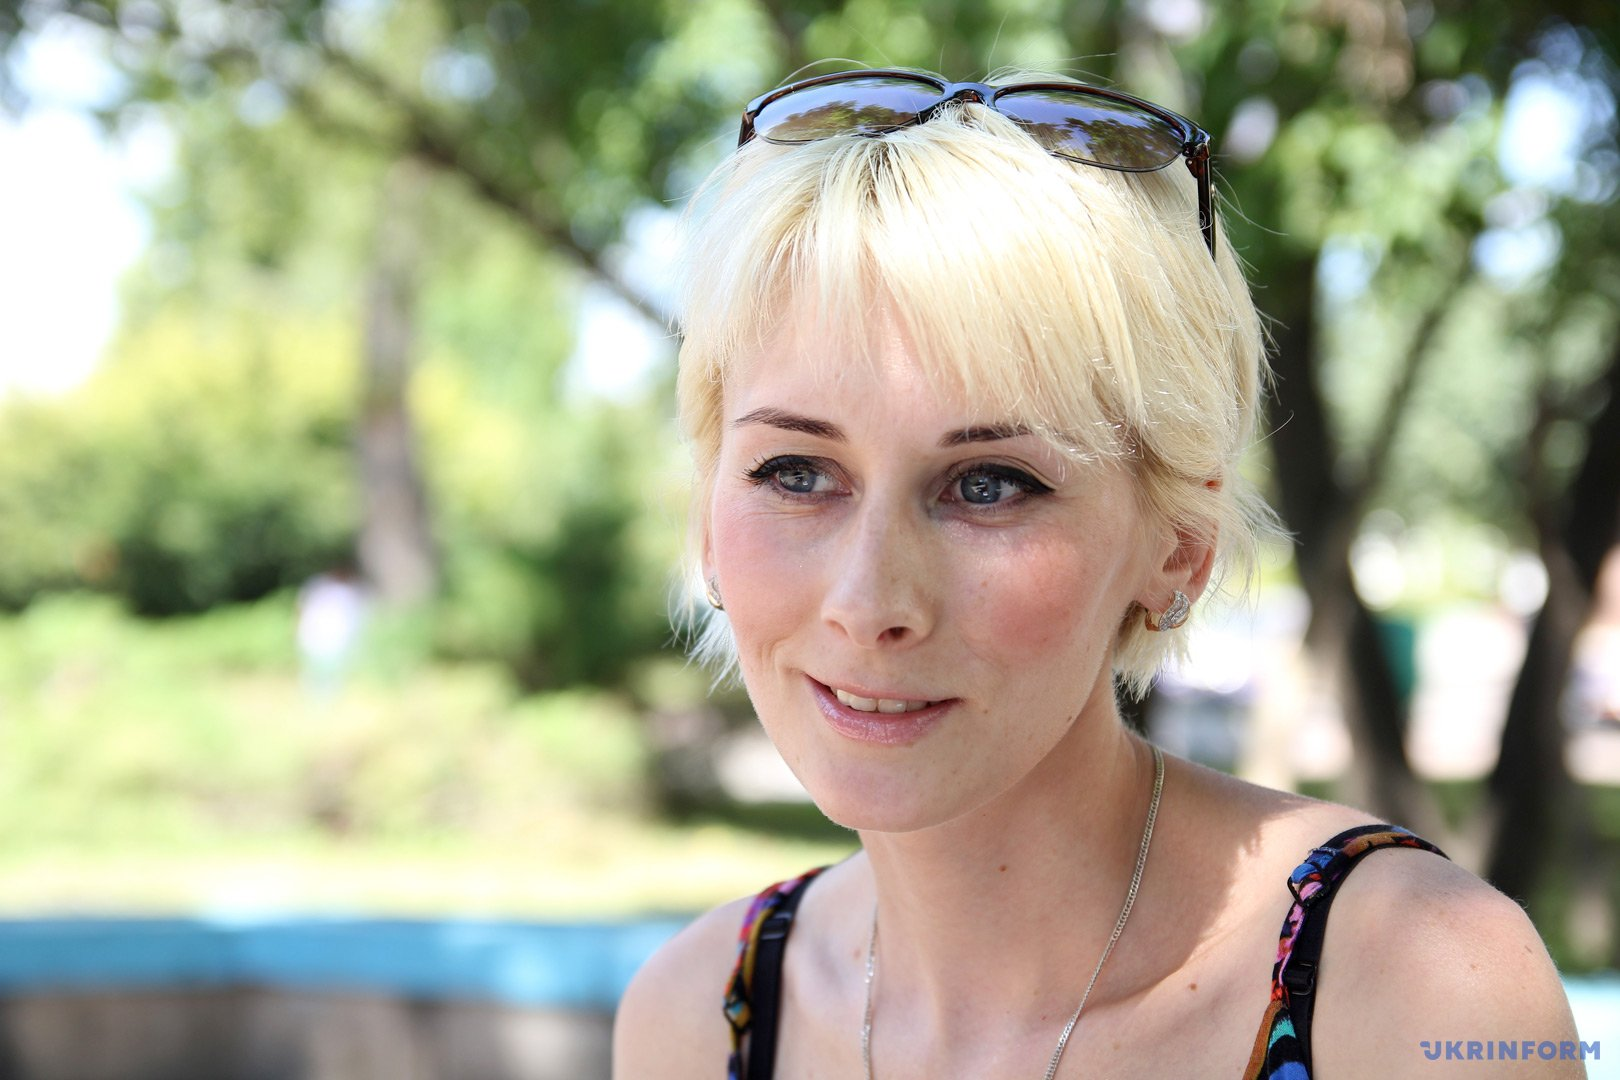 Фото: Анна Максимова, Укрінформ.